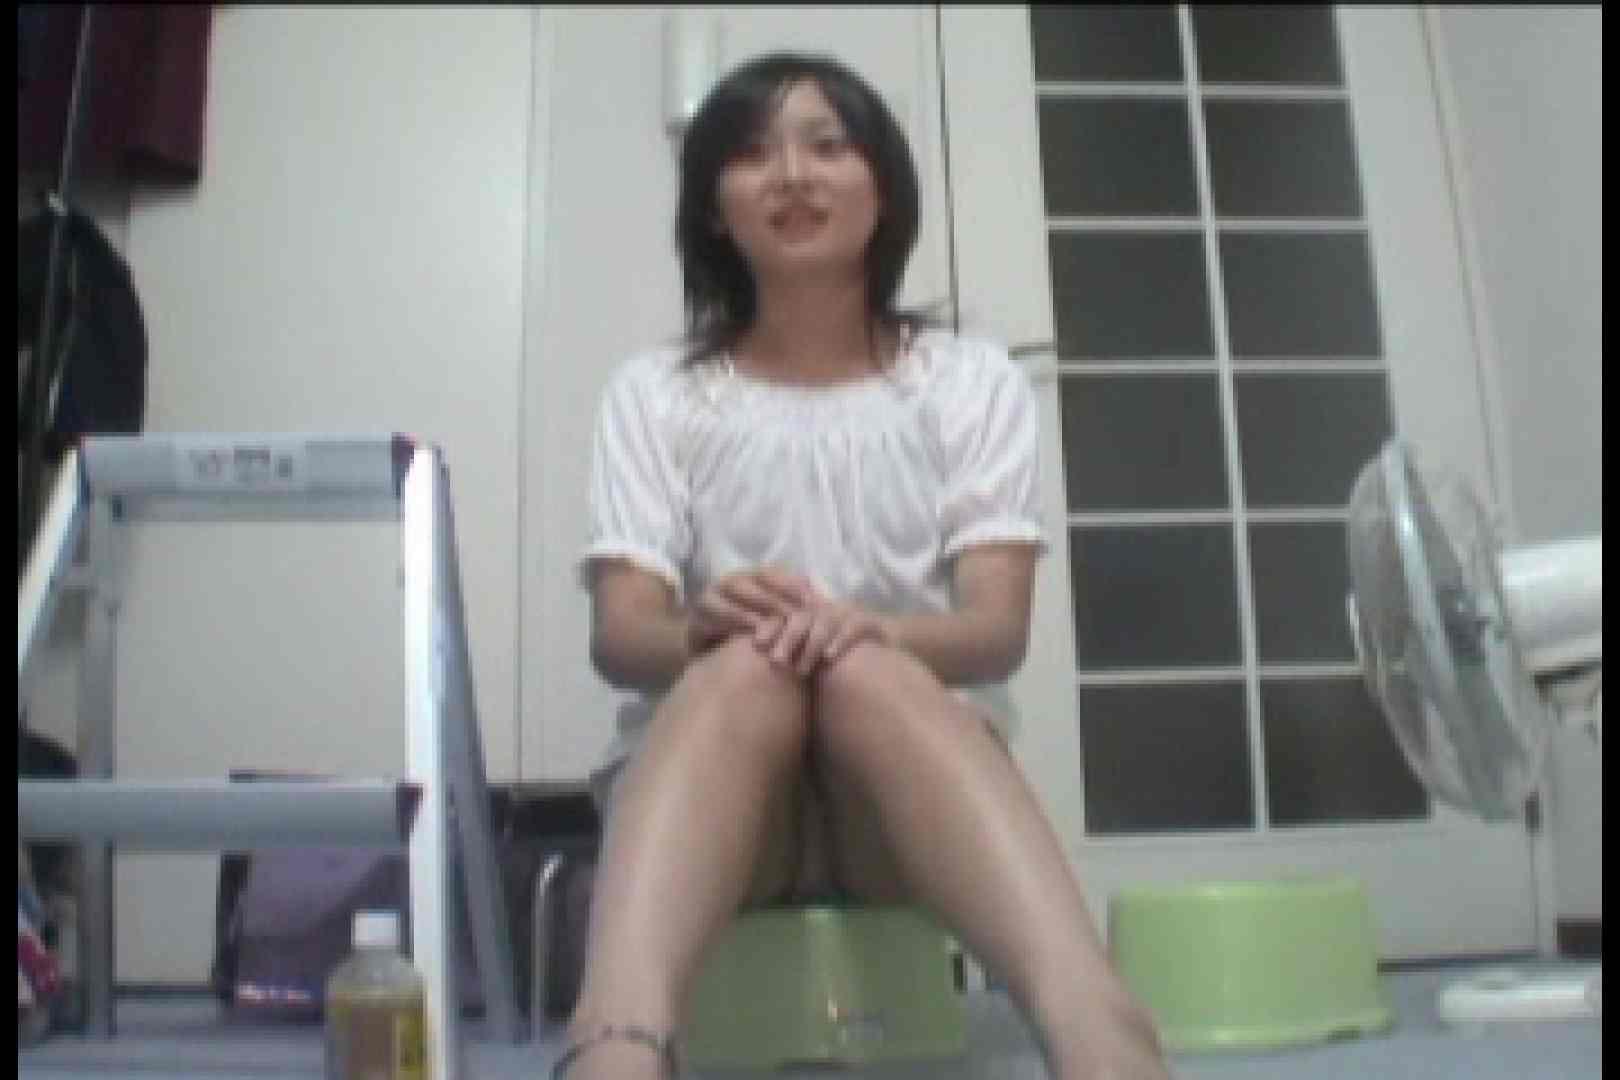 パンツ売りの女の子 むみちゃんvol.1 OLの裸事情 | 一般投稿  93枚 11